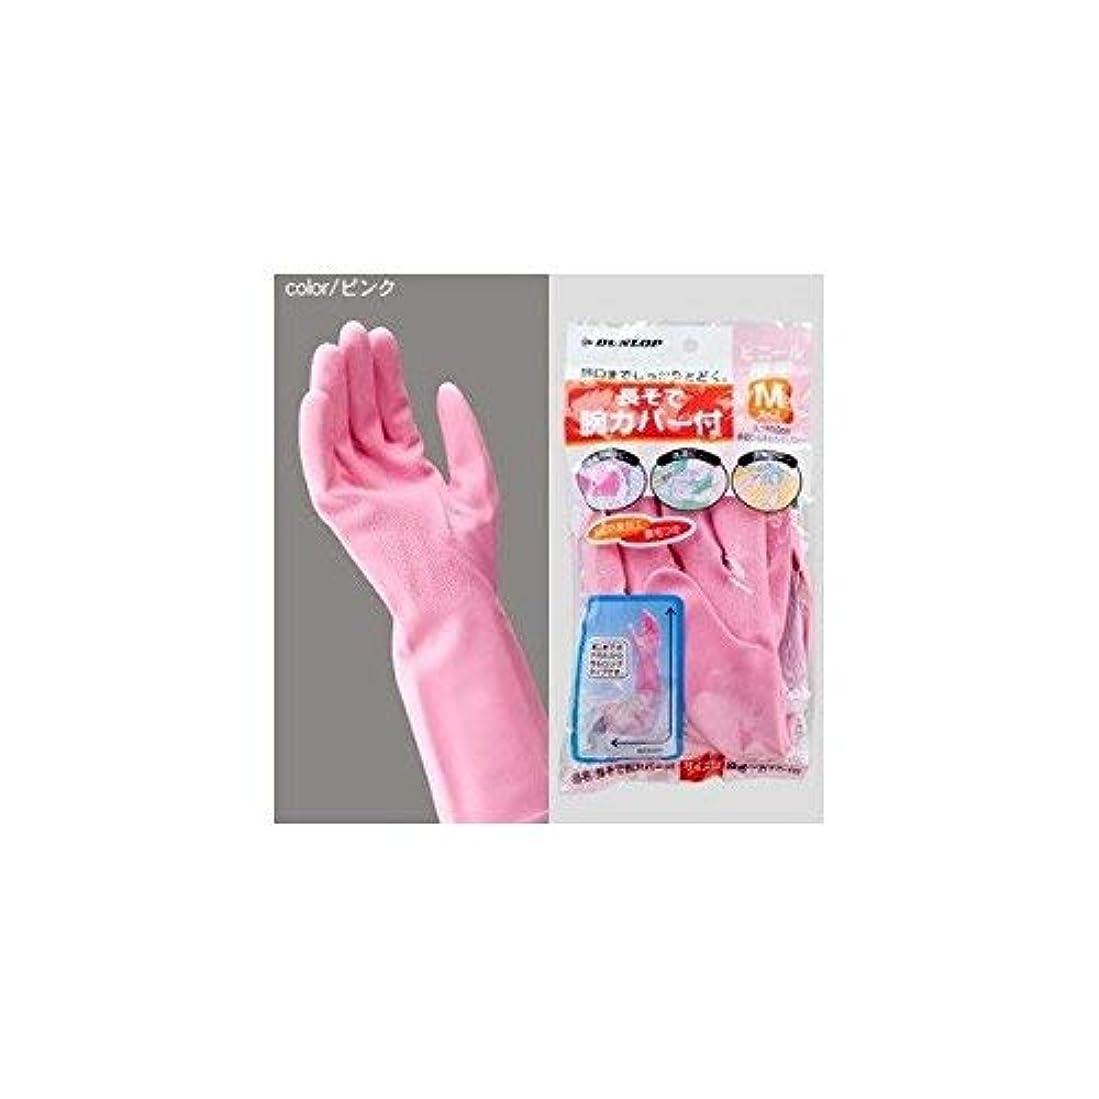 レンジキャッチ学校ダンロップ ビニール手袋 厚手腕カバー付 M ピンク ×30個